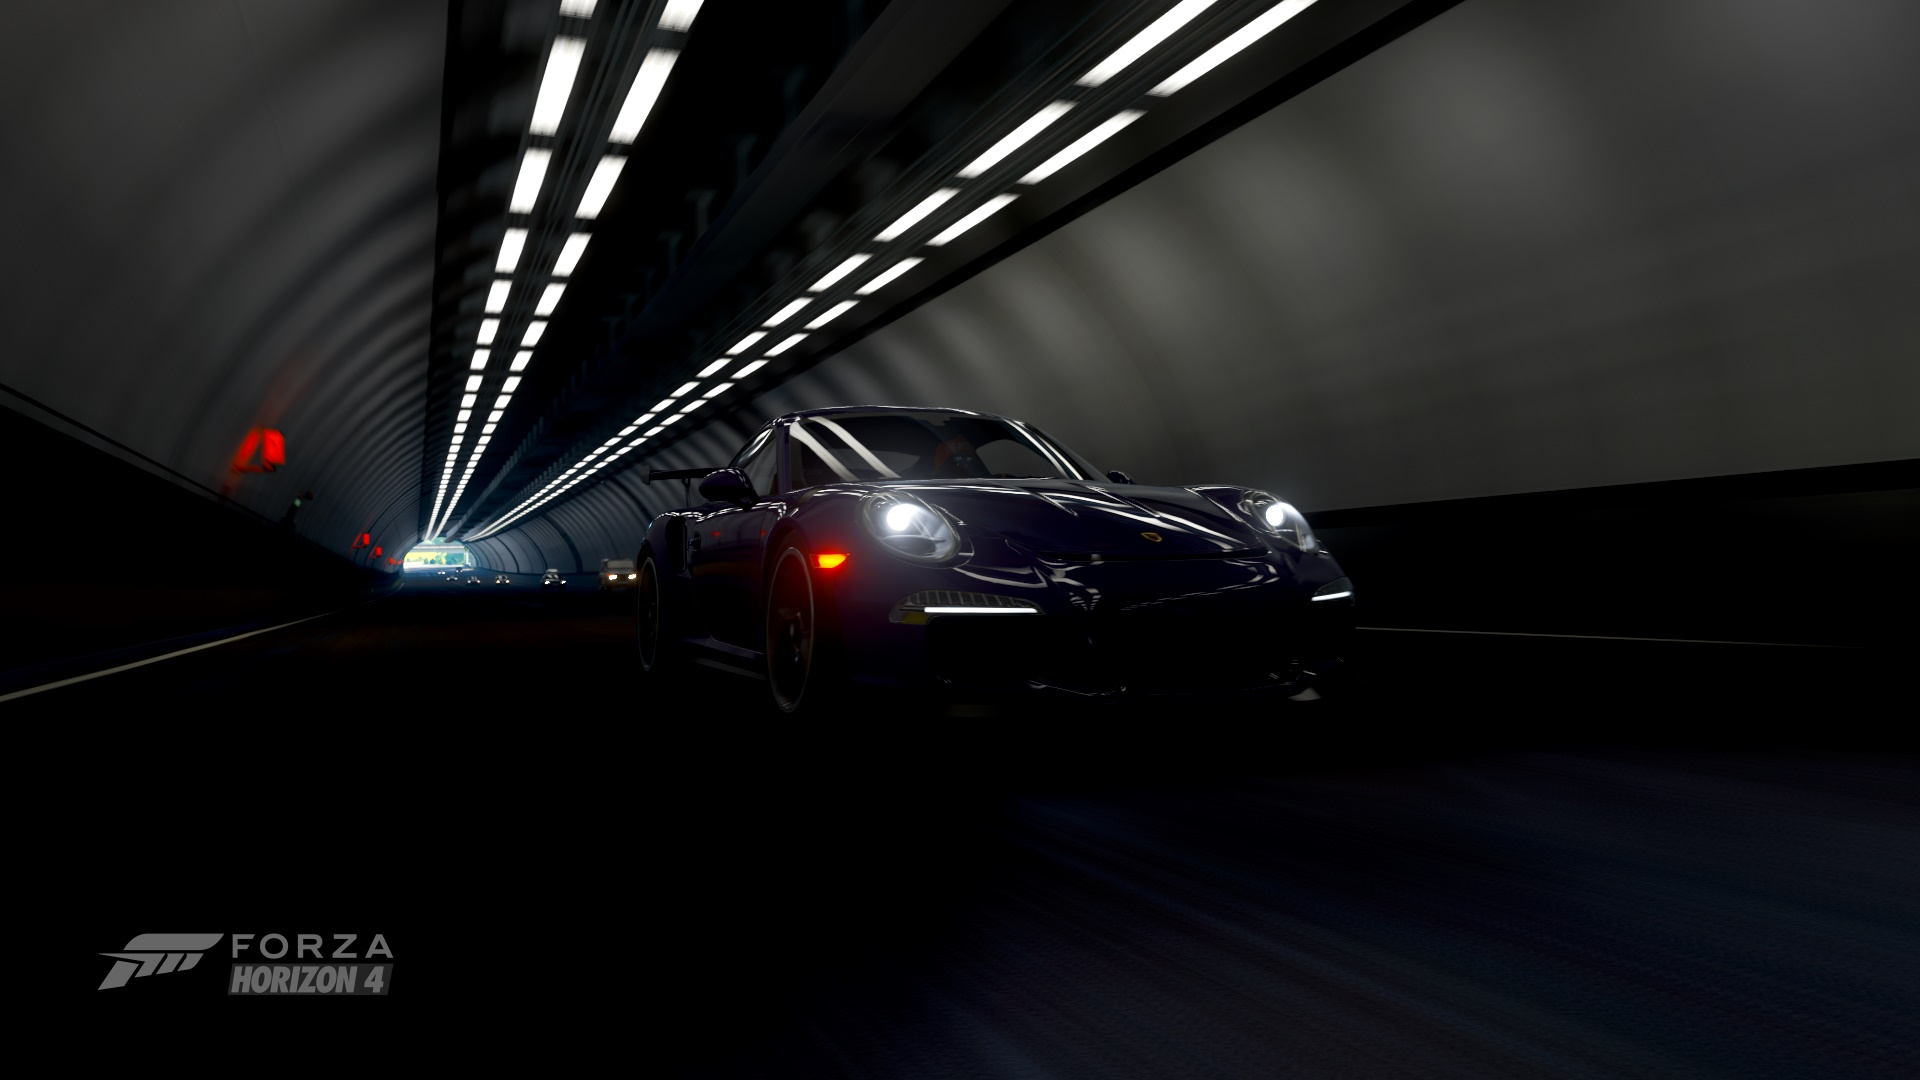 tunnel video games vehicle forza horizon 4 forza horizon 4 car porsche 911 gt3 rs